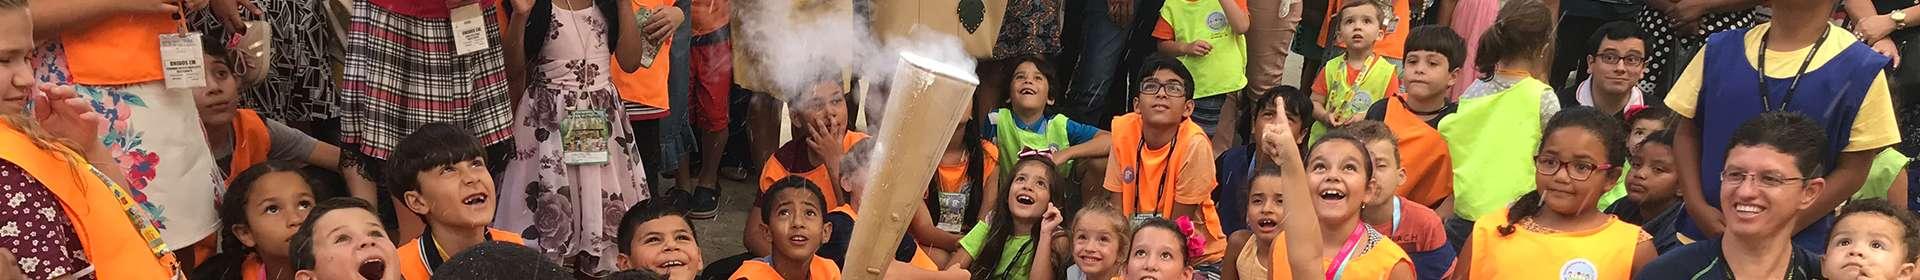 VÍDEOS: Quinta edição do Unidos em Família em Domingos Martins, ES